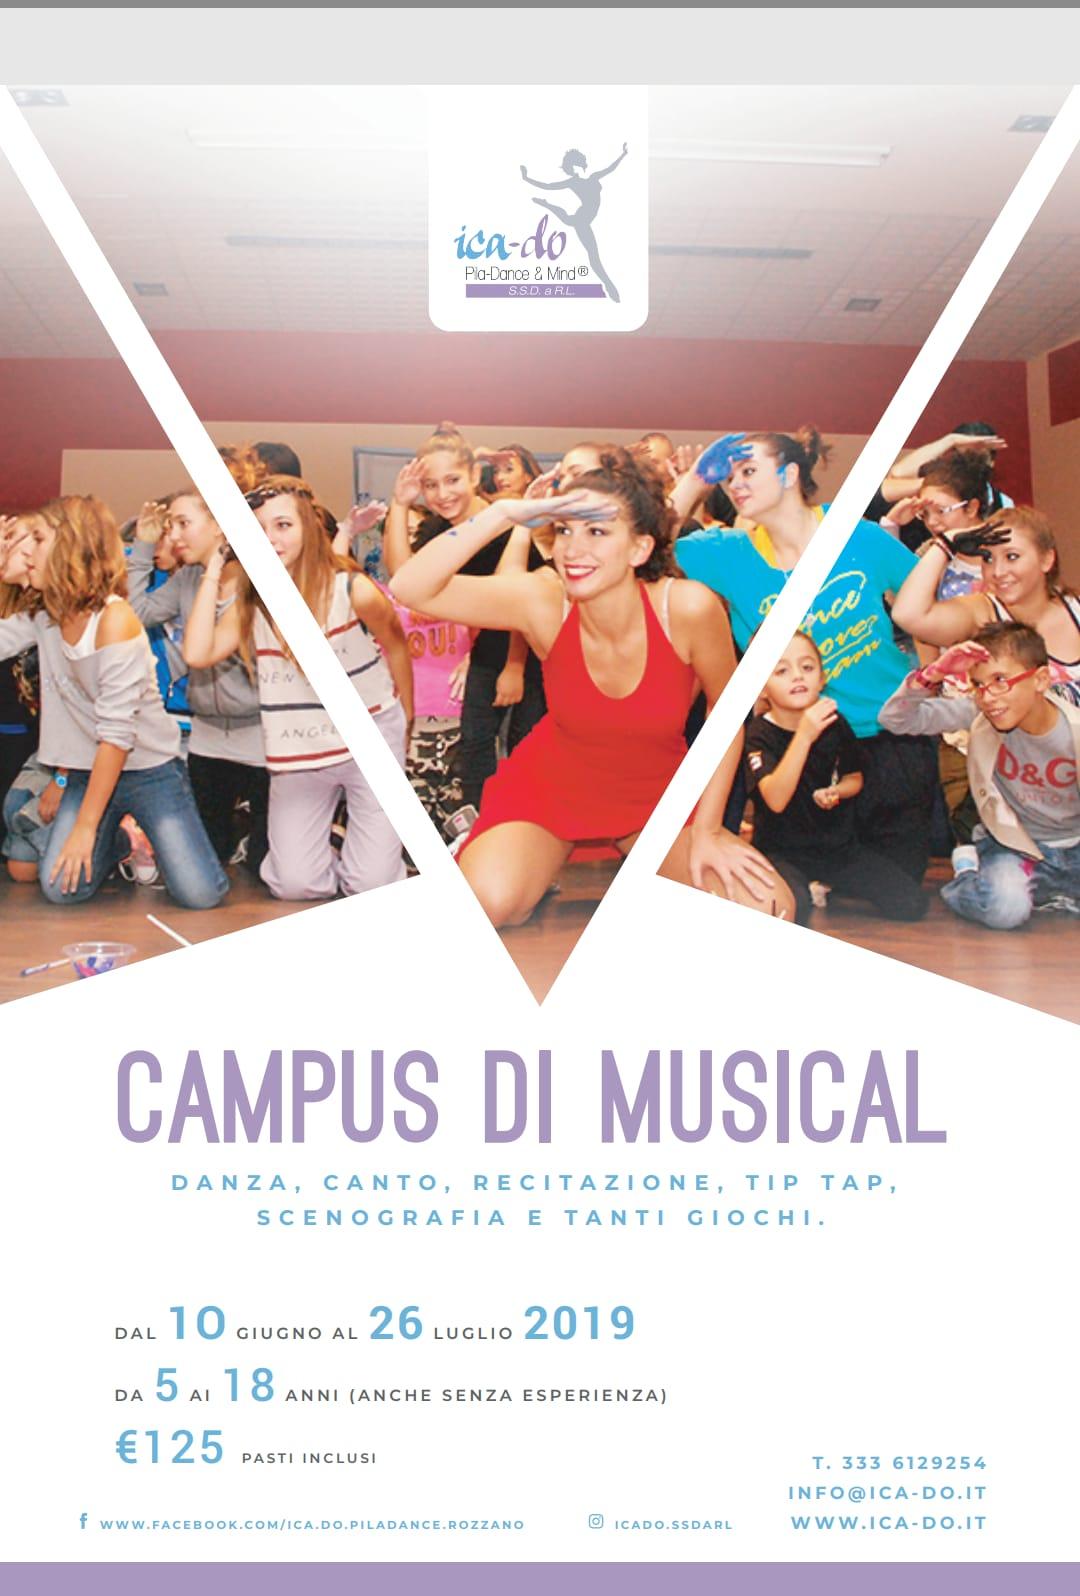 campus-di-musica-2019-ica-do-rozzano.jpeg